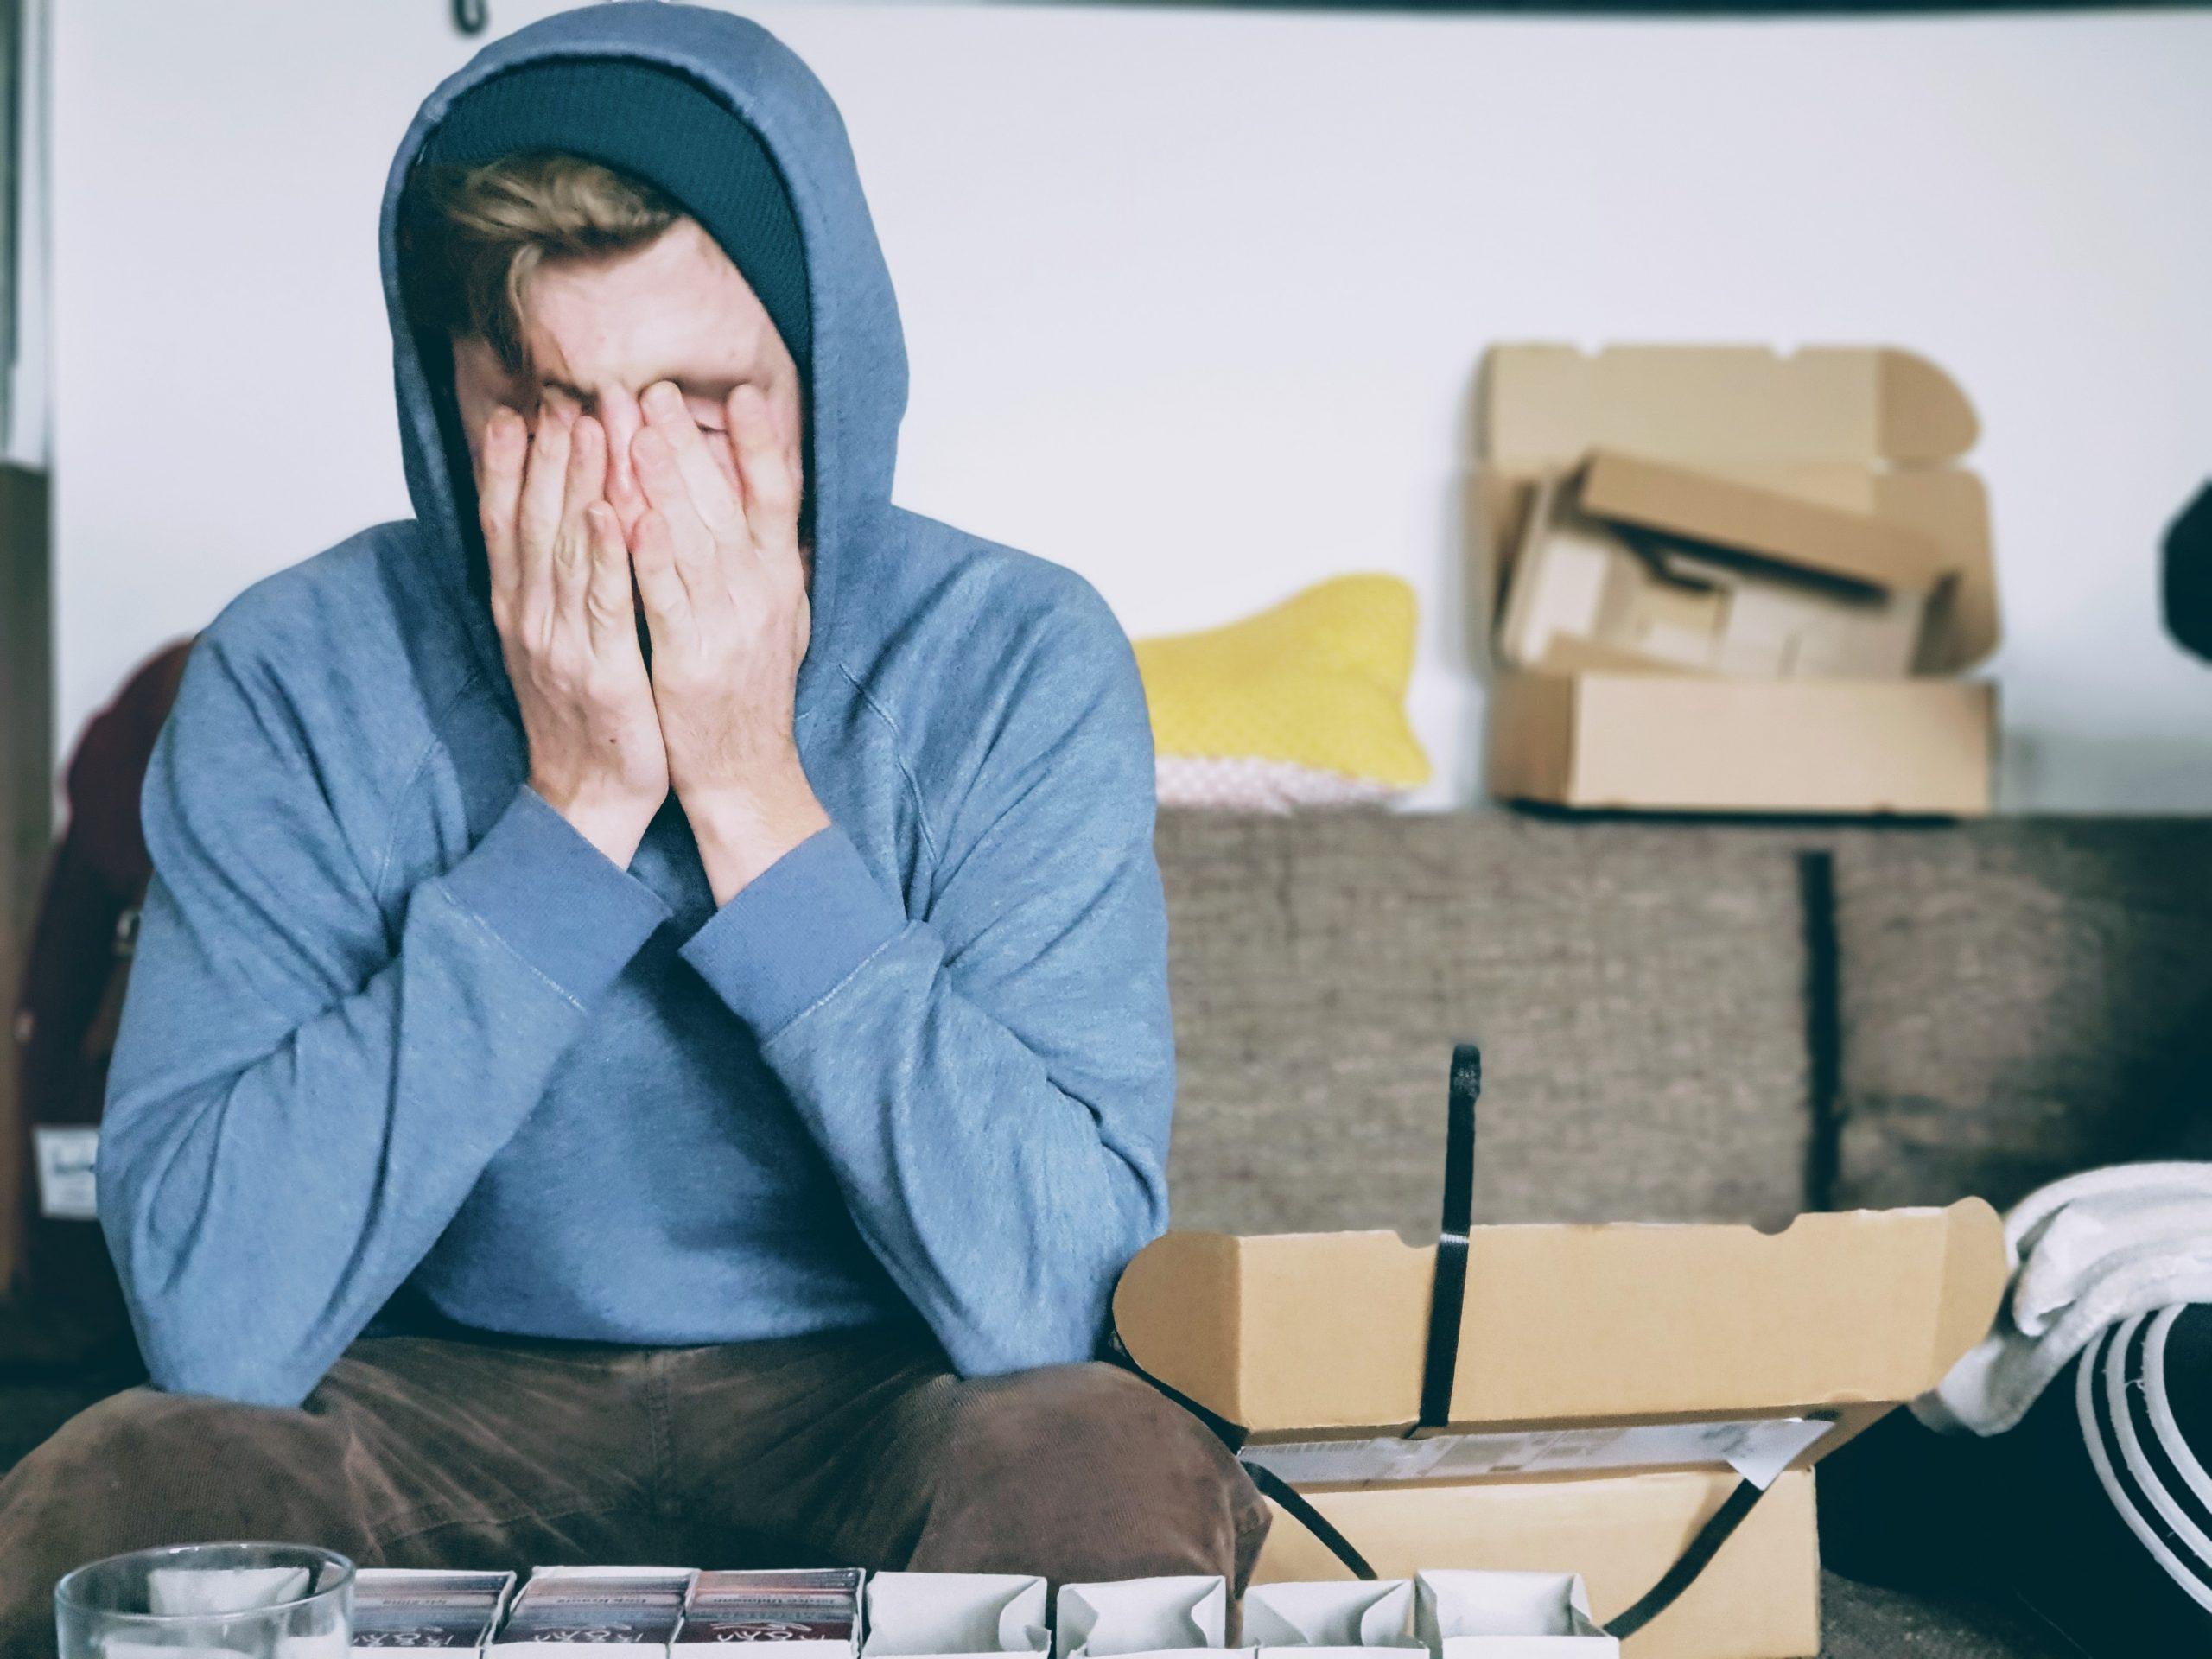 CP conjoint – Le gouvernement fédéral veut faire la lutte contre le stress au travail l'une de ses priorités